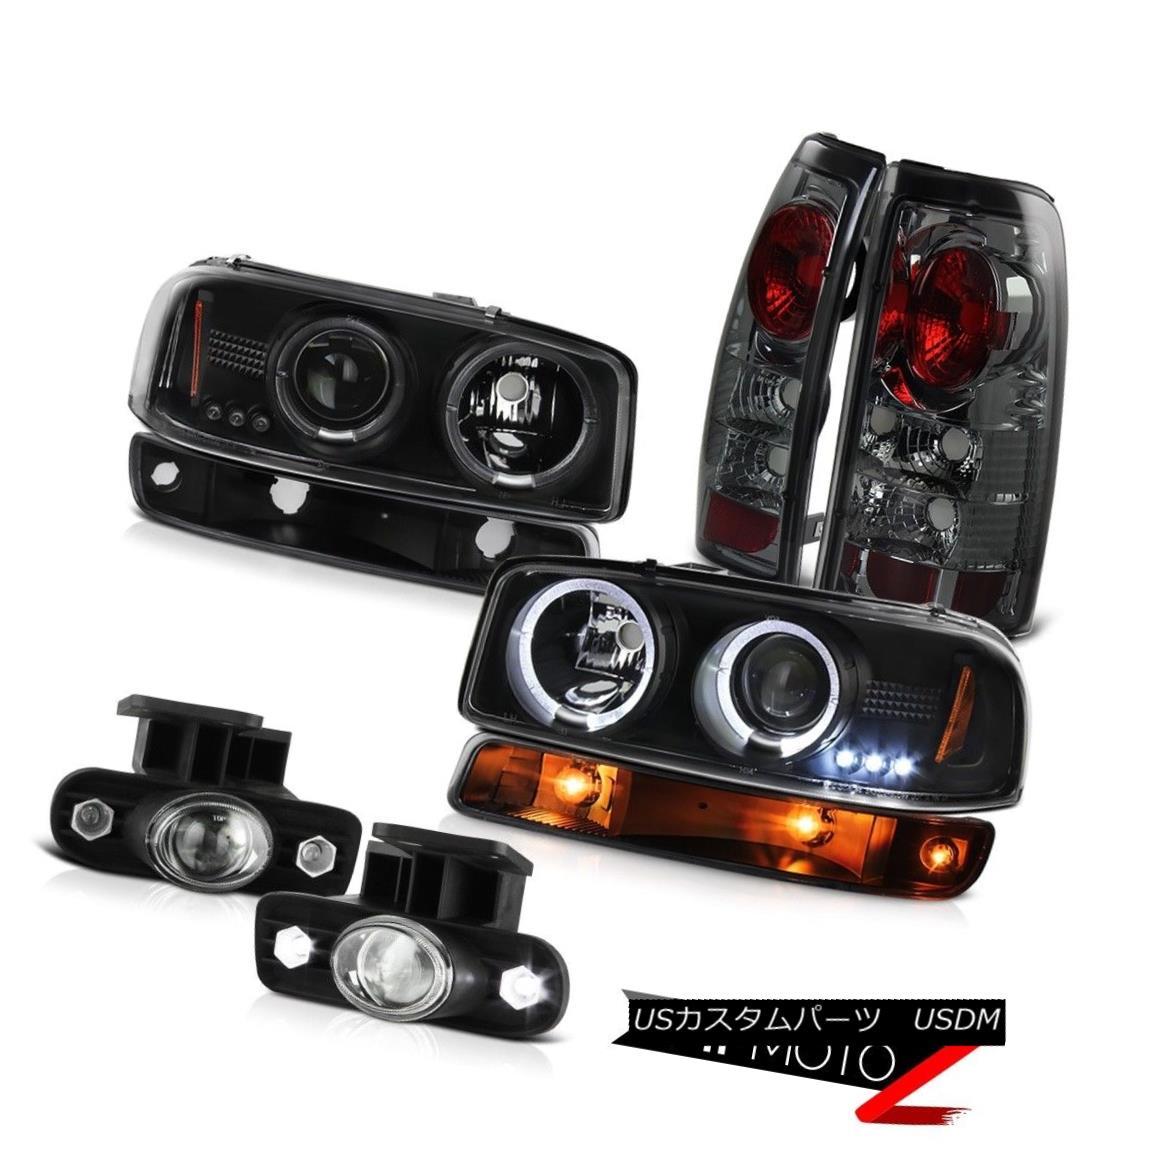 ヘッドライト 99-02 Sierra SL Chrome fog lamps rear brake lights black turn signal headlamps 99-02 Sierra SLクロームフォグランプリアブレーキライトブラックターンシグナルヘッドランプ